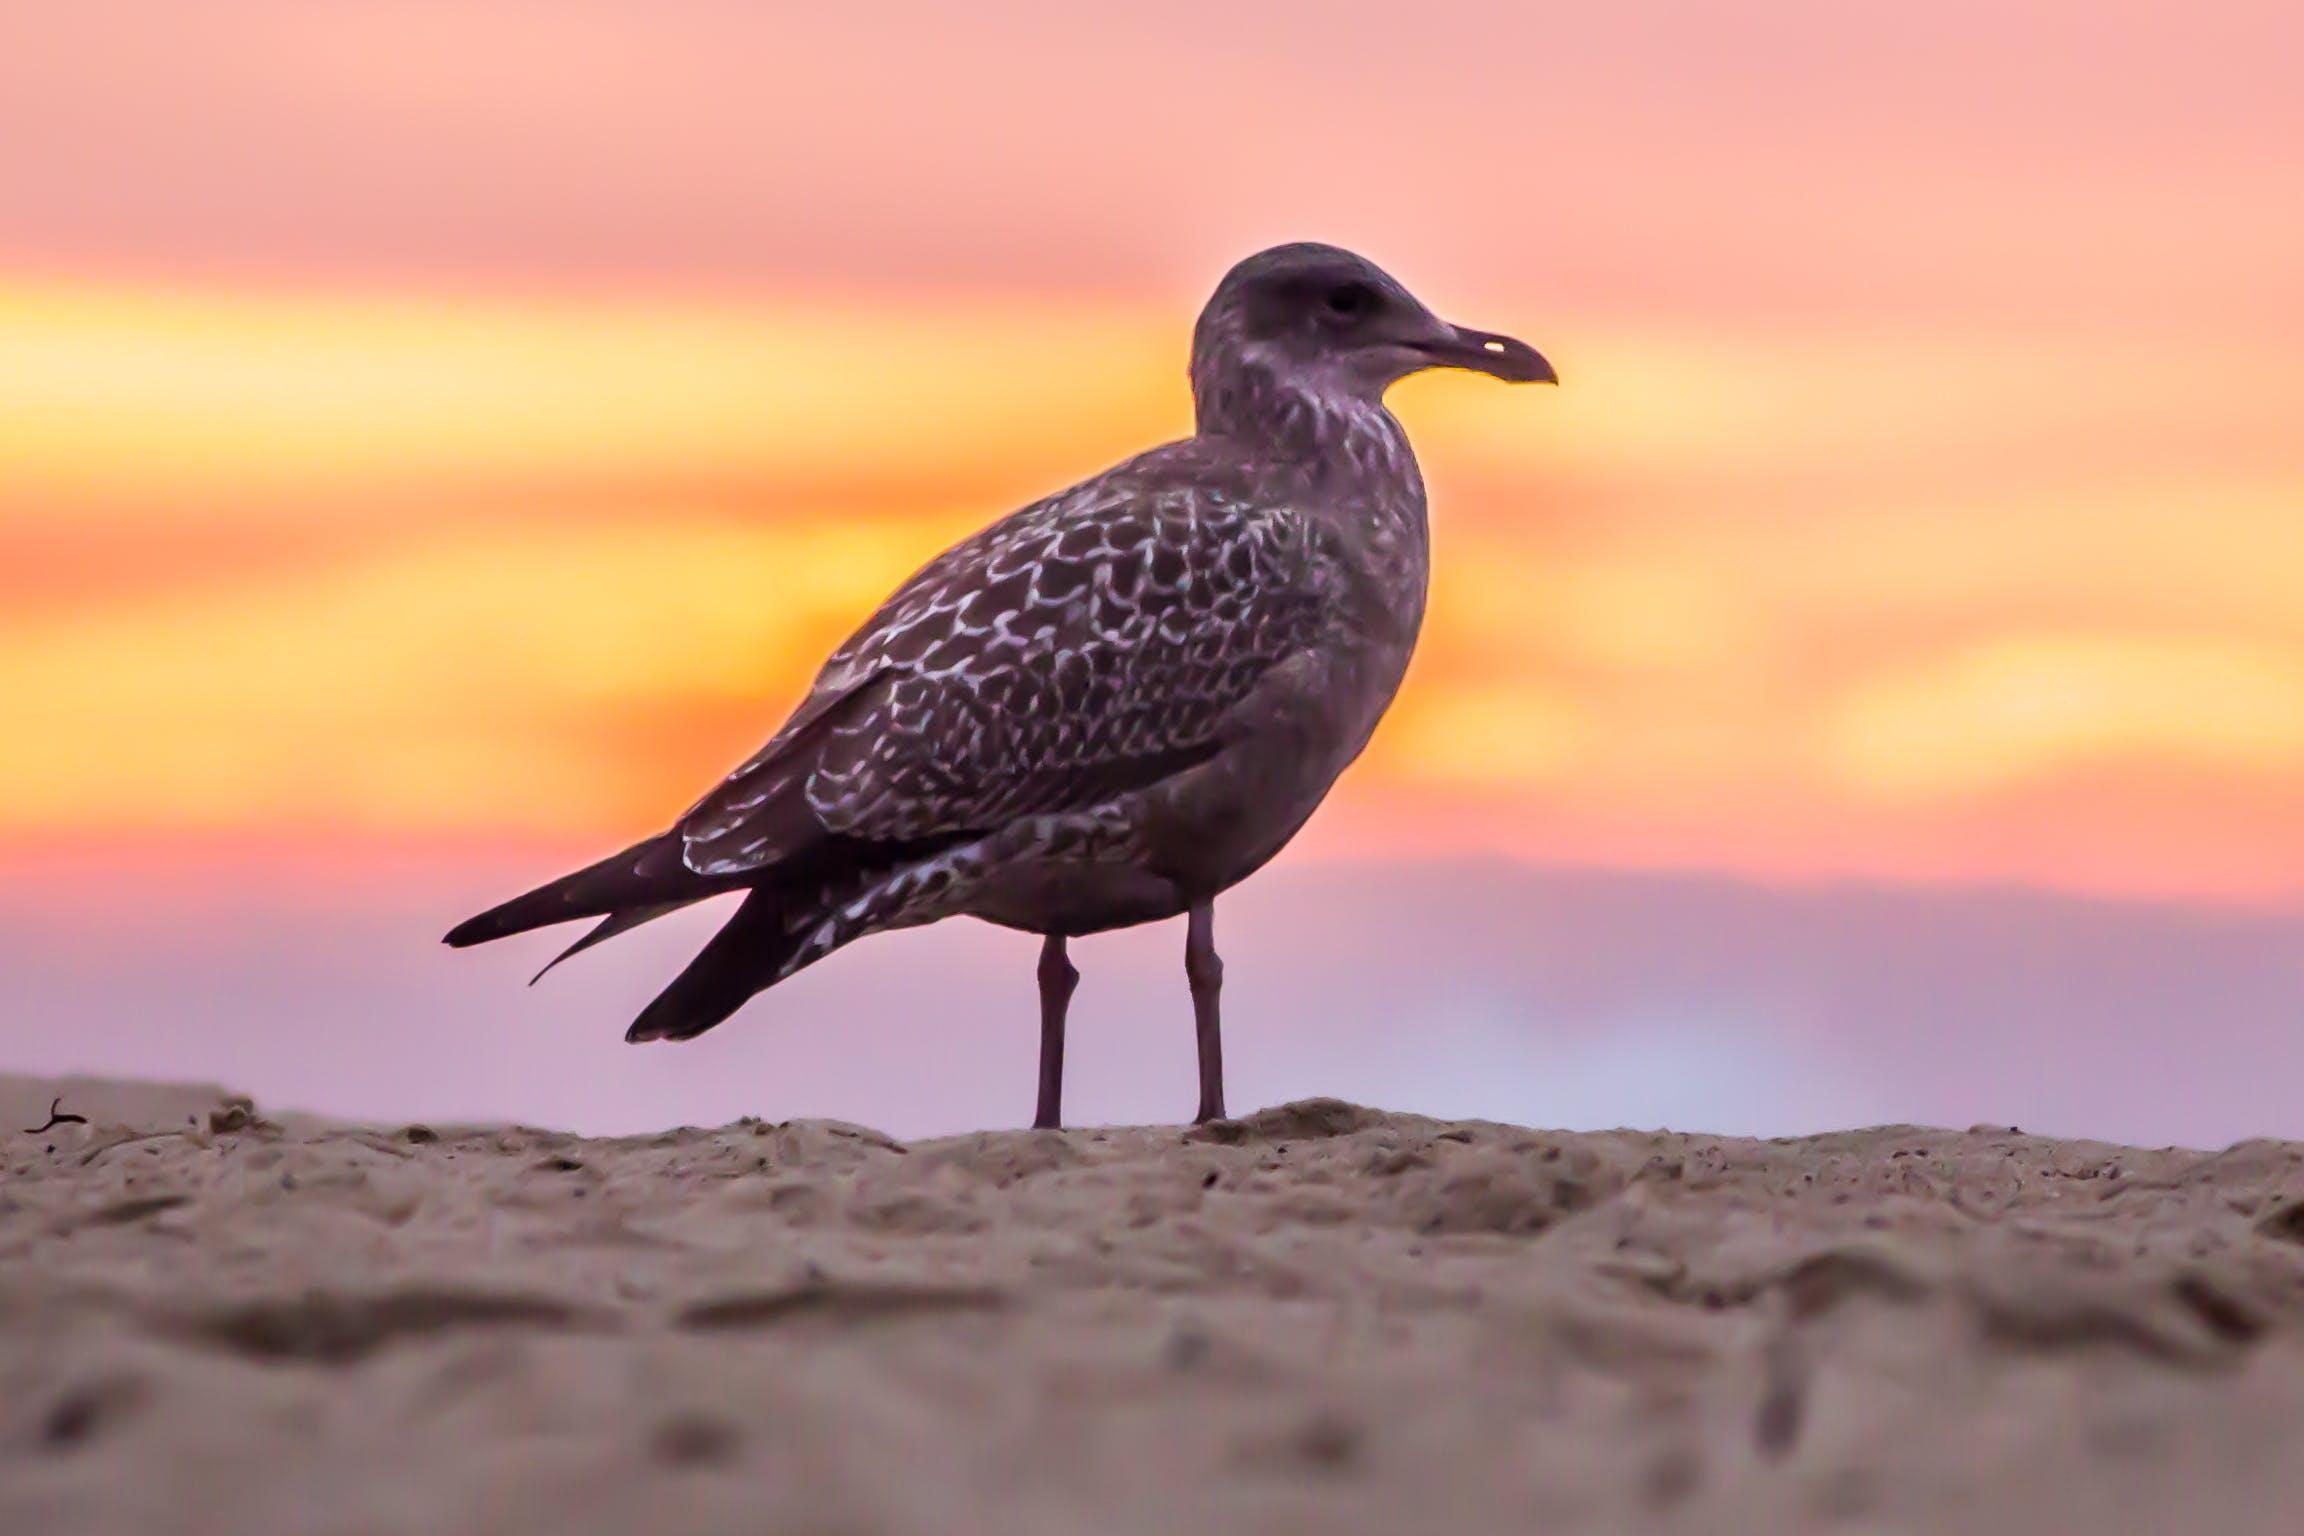 Grey Bird on White Beach Sand